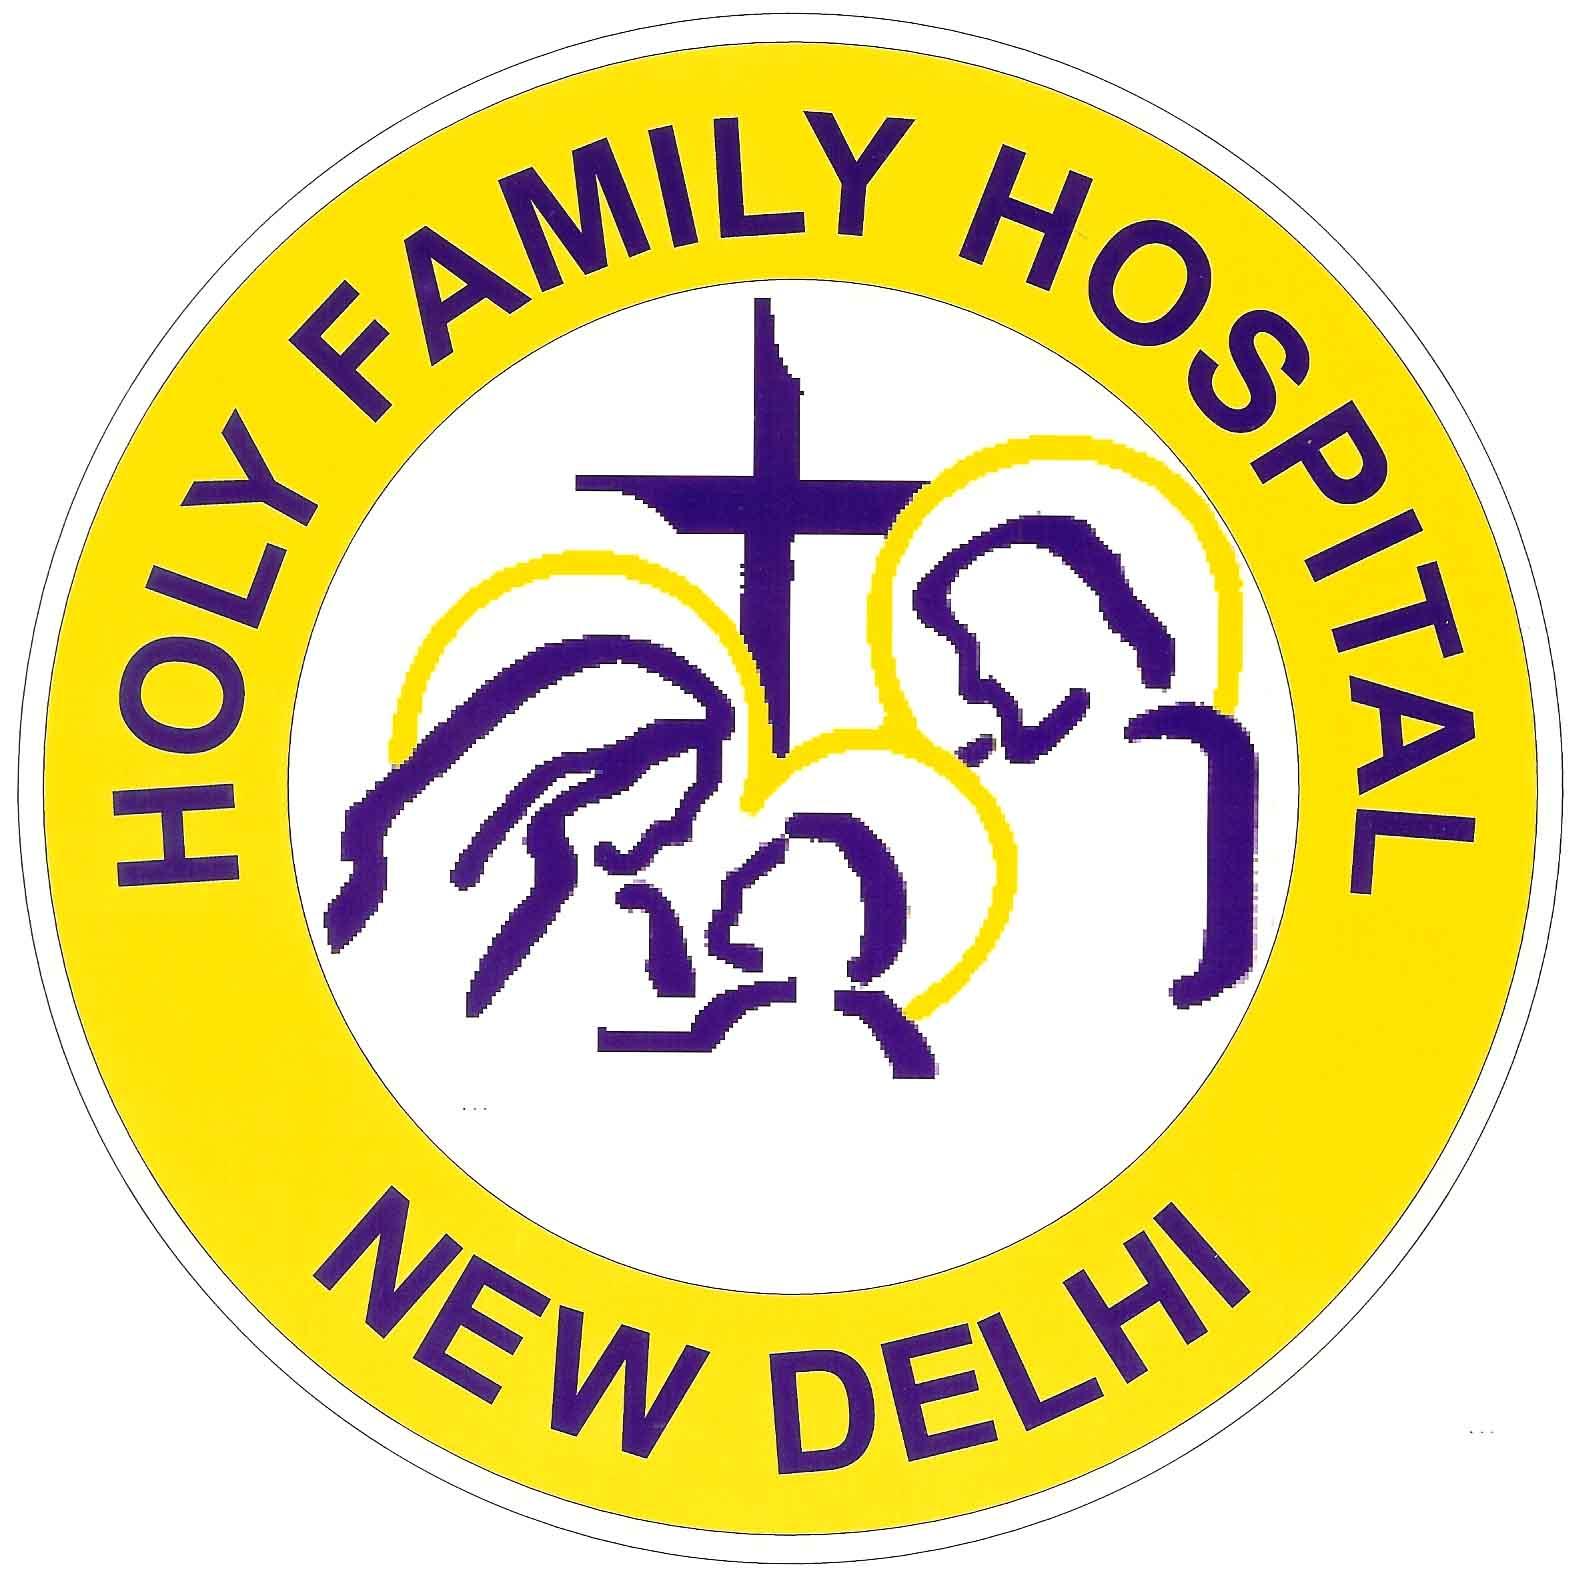 Holy Family Hospital - Delhi Image